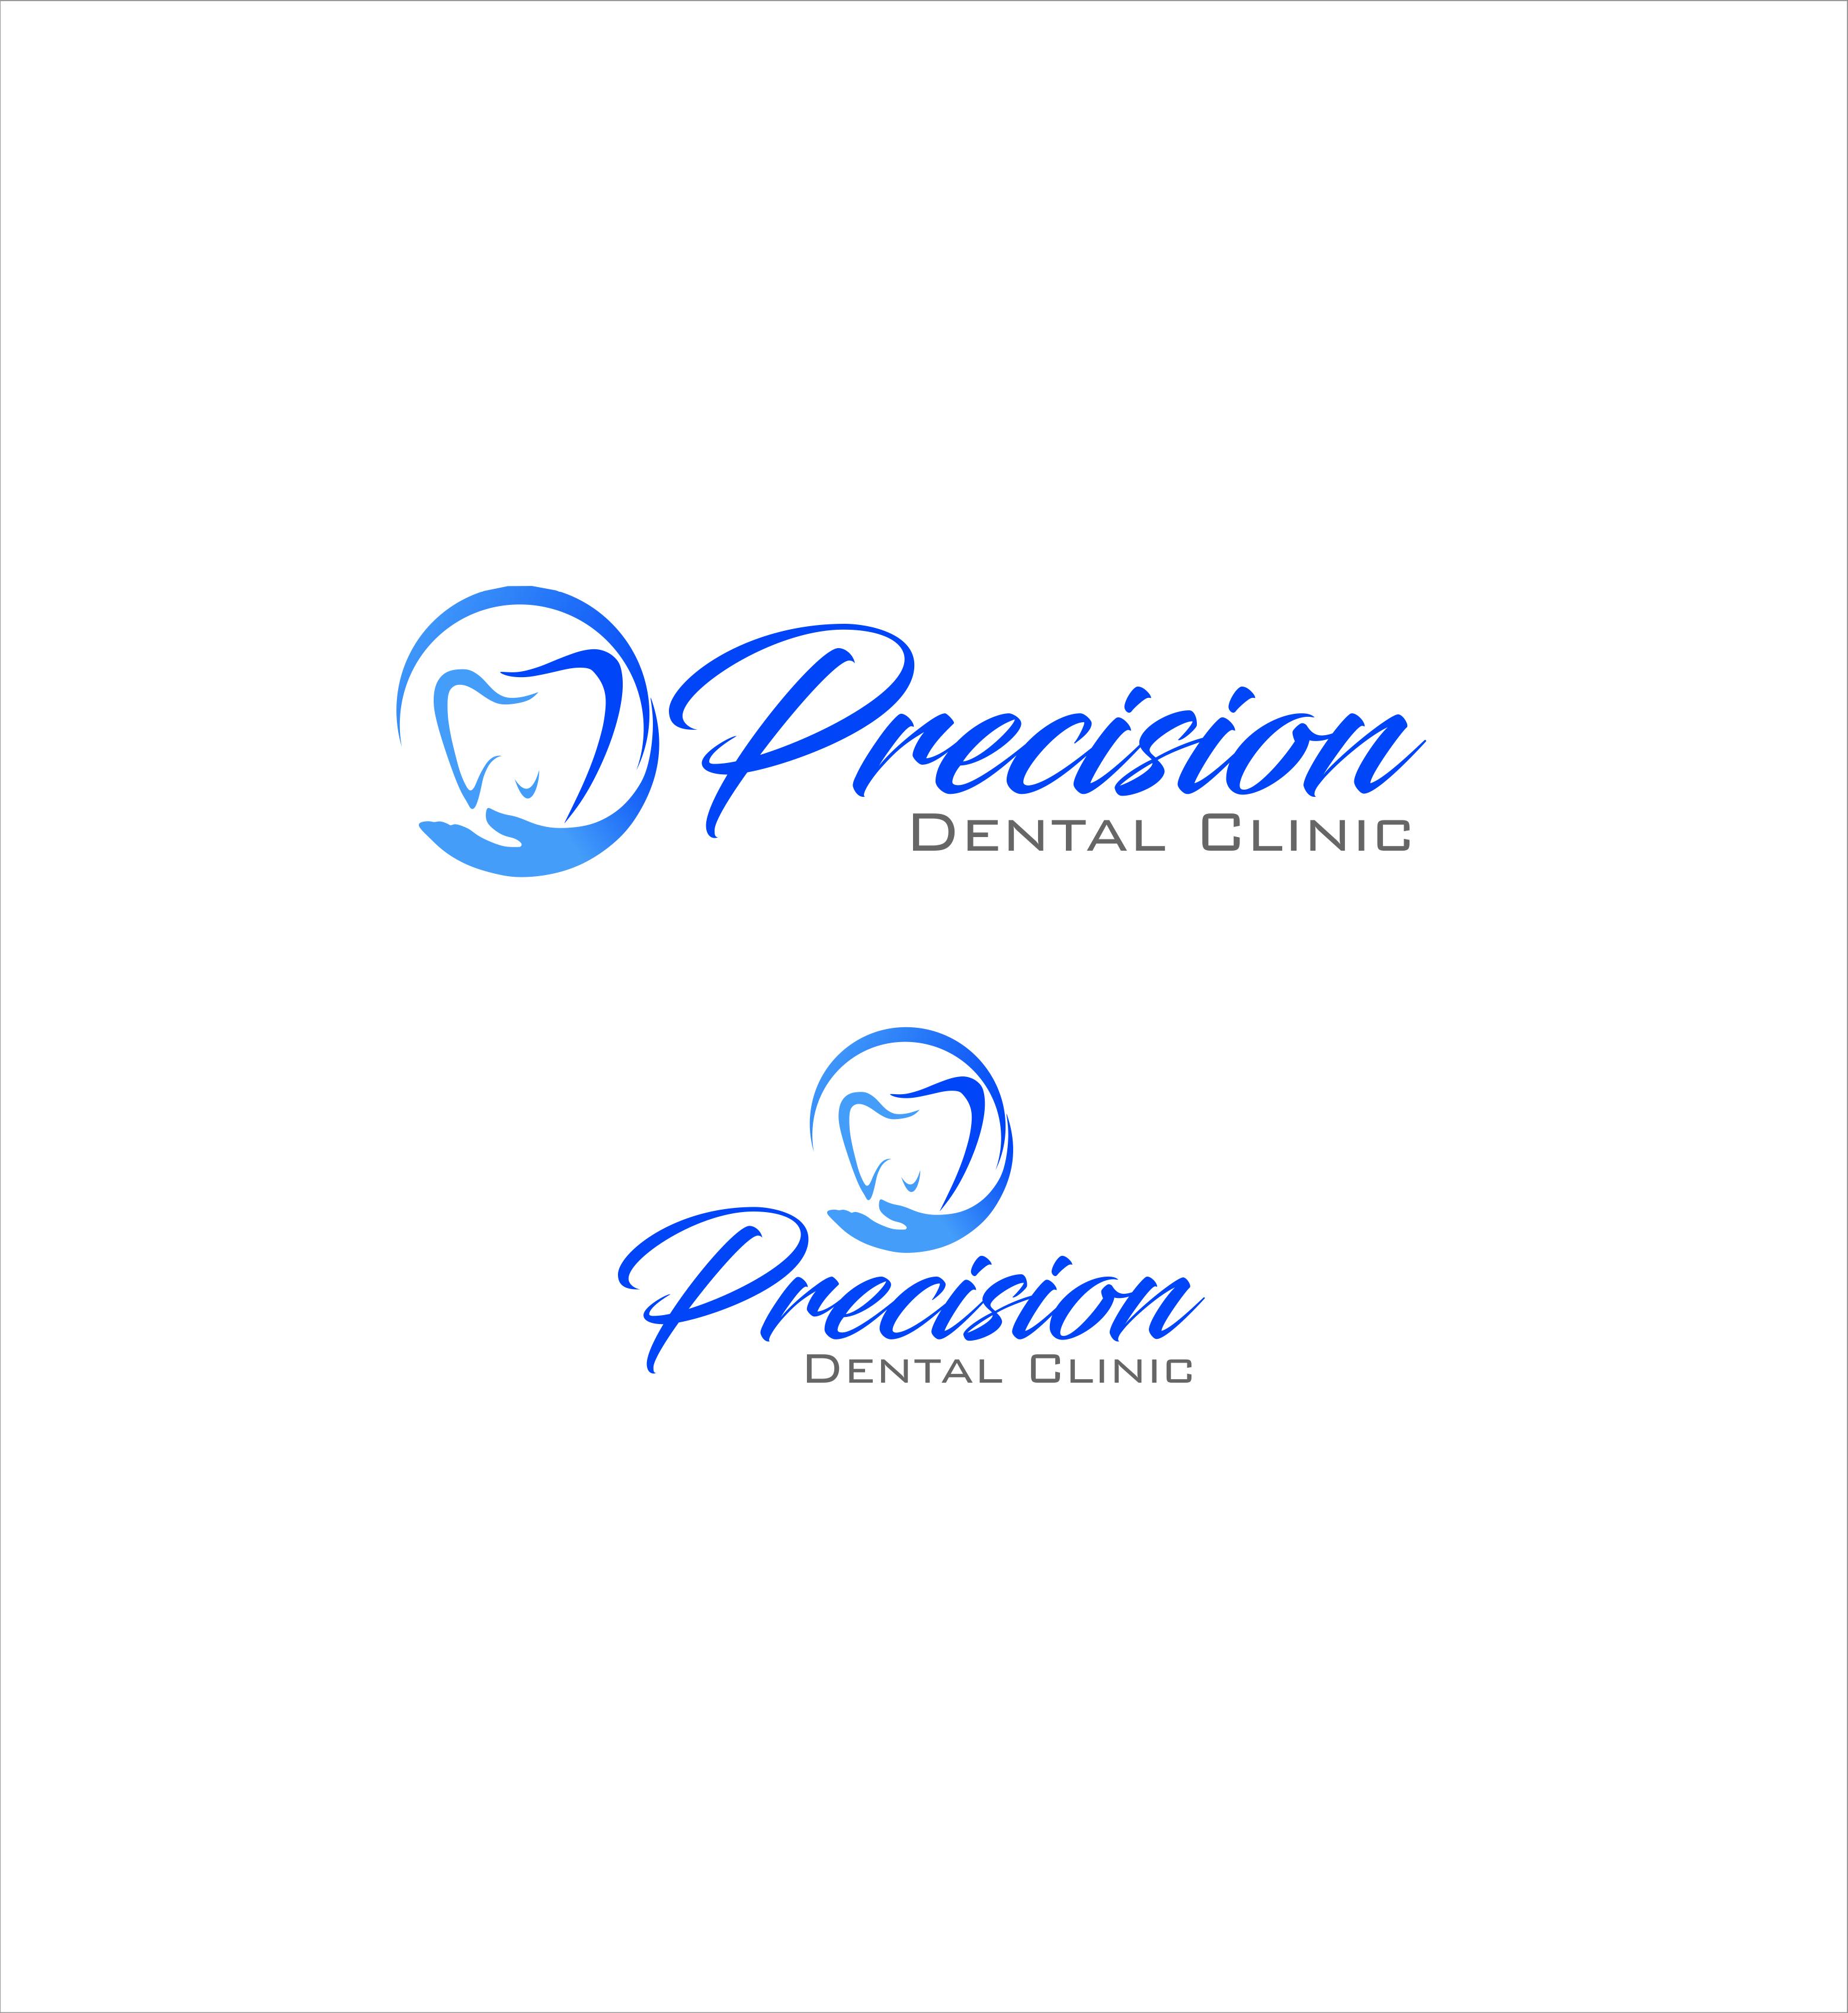 Logo Design by snow - Entry No. 29 in the Logo Design Contest Captivating Logo Design for Precision Dental Clinic.